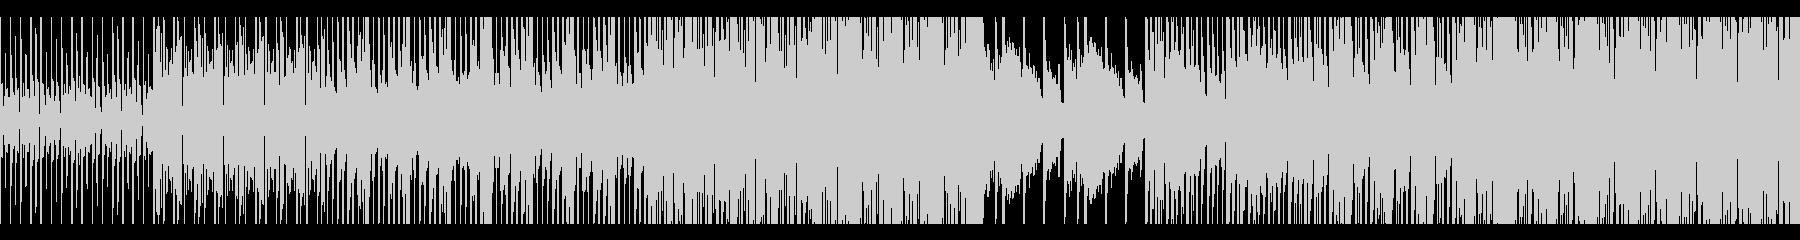 お洒落スタイリッシュなEDM(ループ可)の未再生の波形